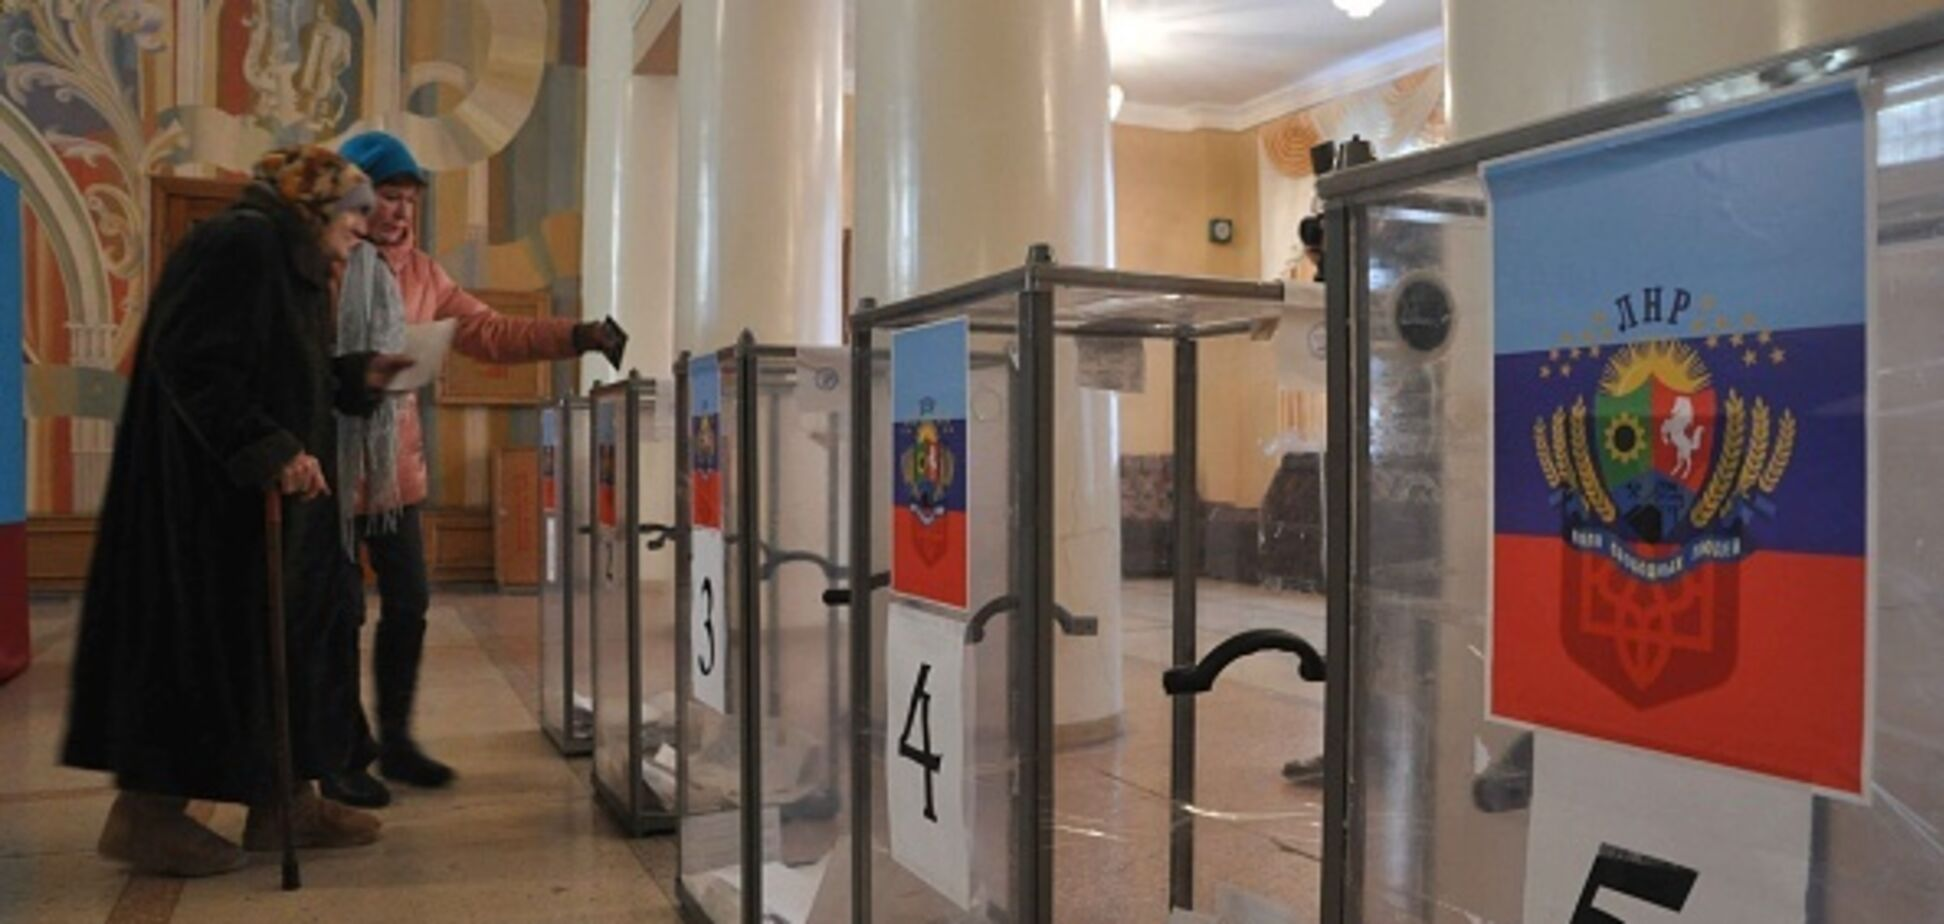 Смена ''власти'': Кремль принял резкое решение по ''Л/ДНР''